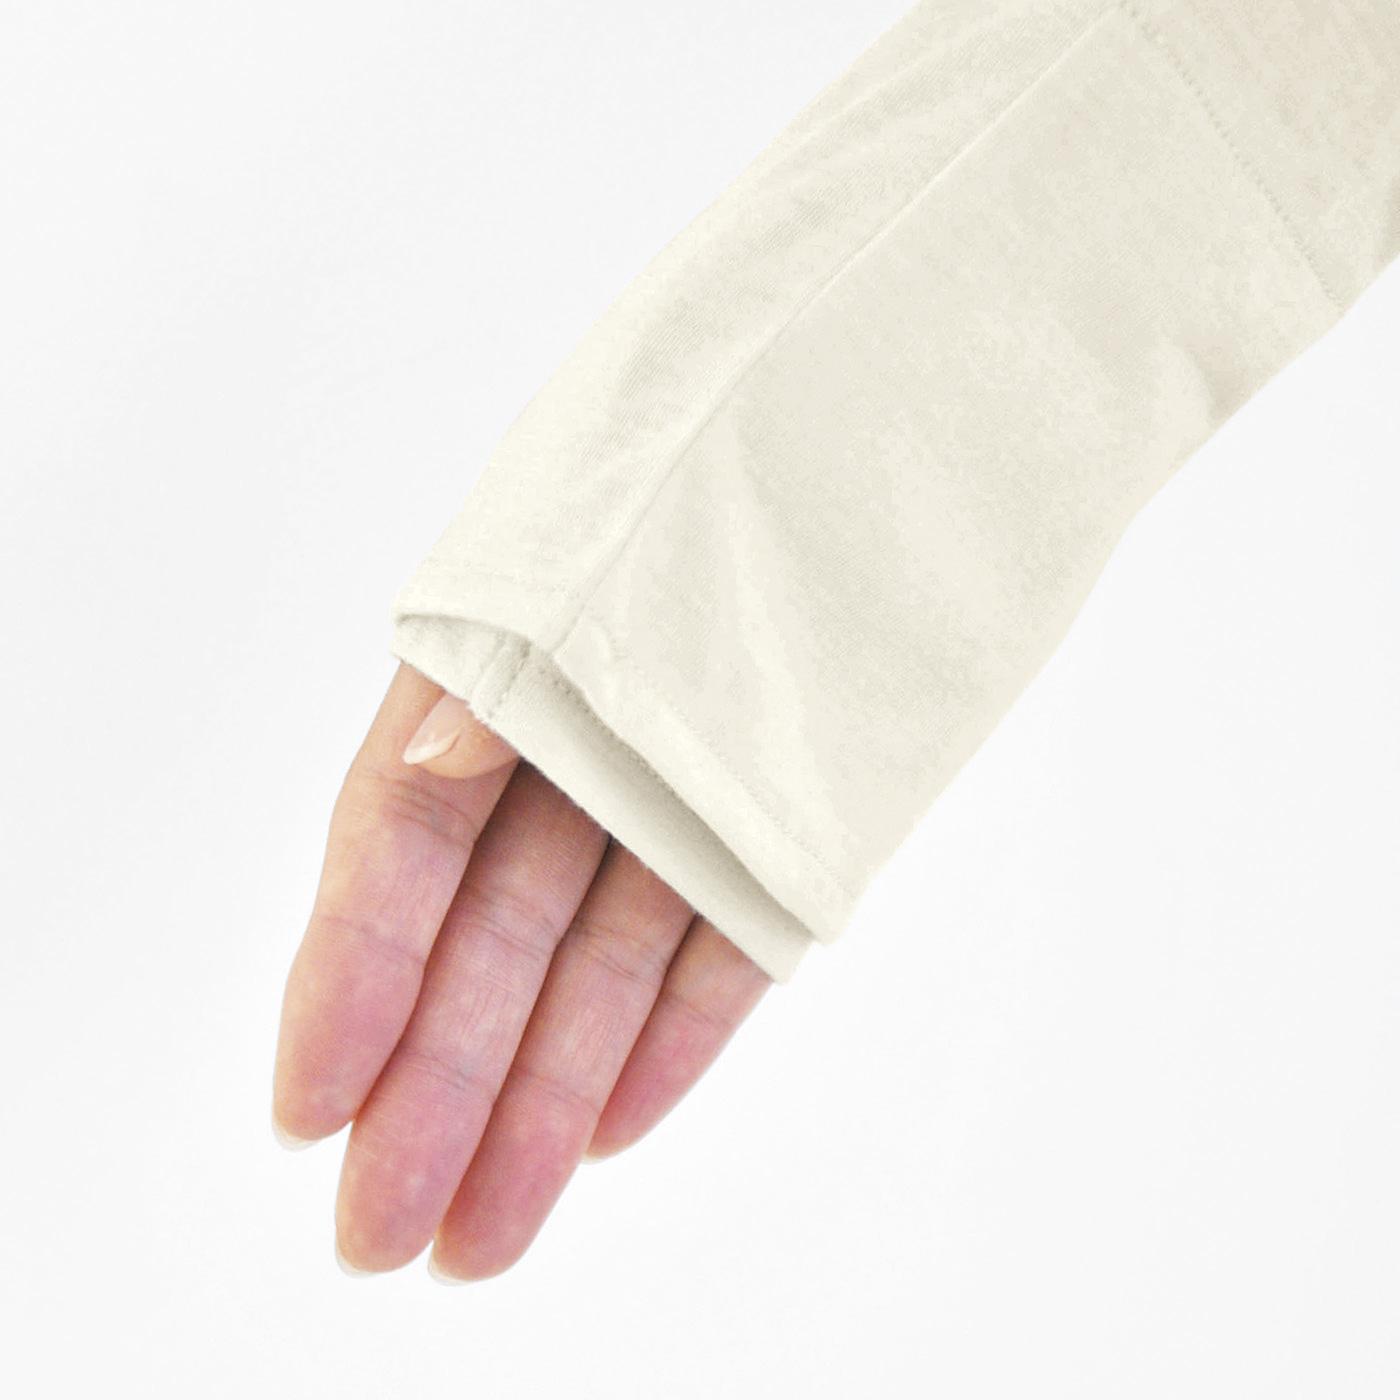 後ろからの紫外線をガードする高めの衿。シャーリングゴム入りで安定感◎。